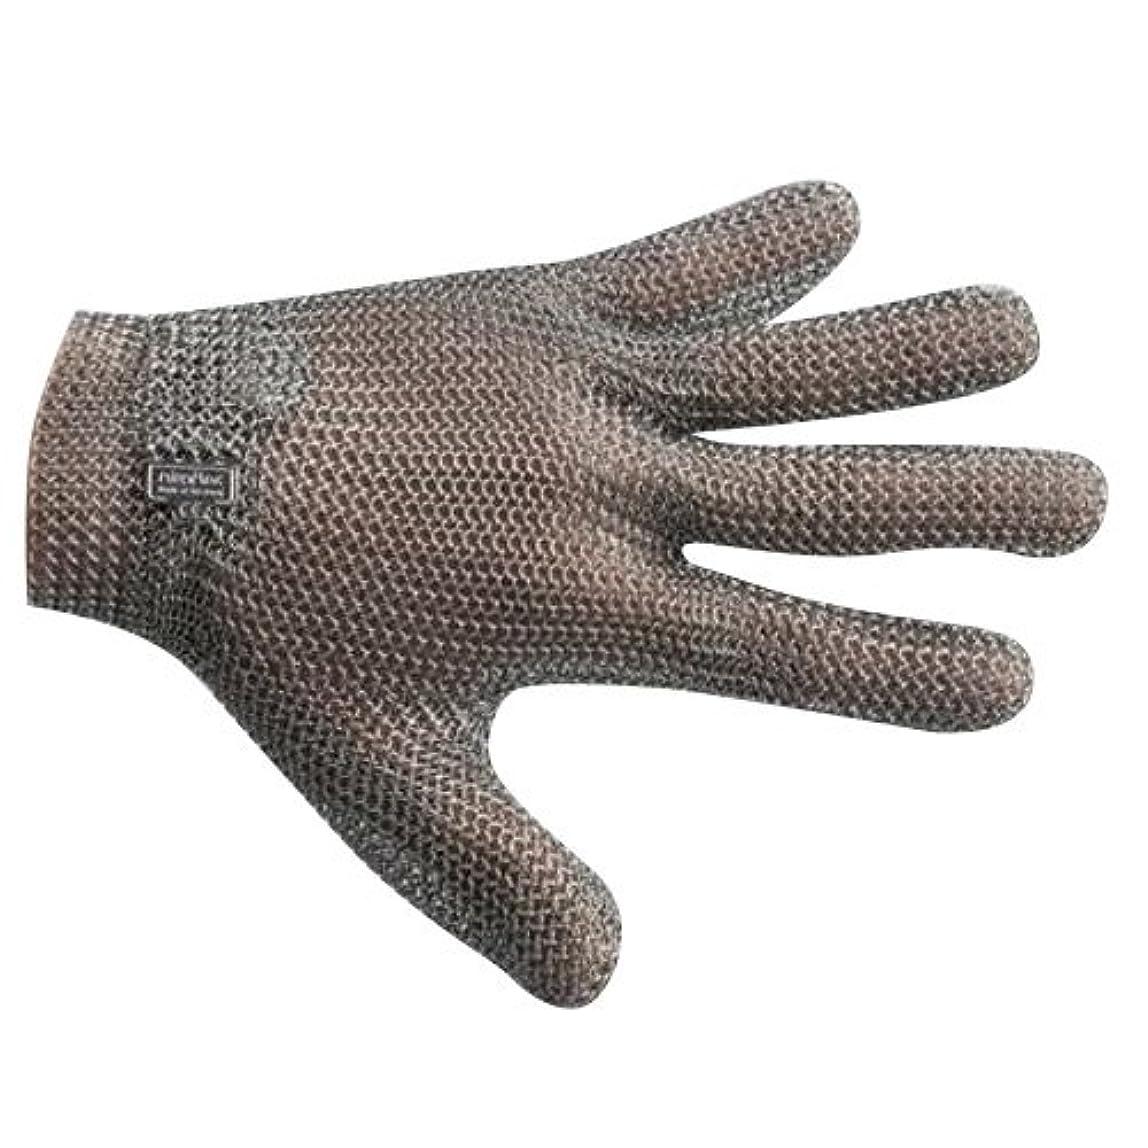 マイコン連鎖ハント宇都宮製作 GU-2500 ステンレスメッシュ手袋 5本指(左右兼用) M